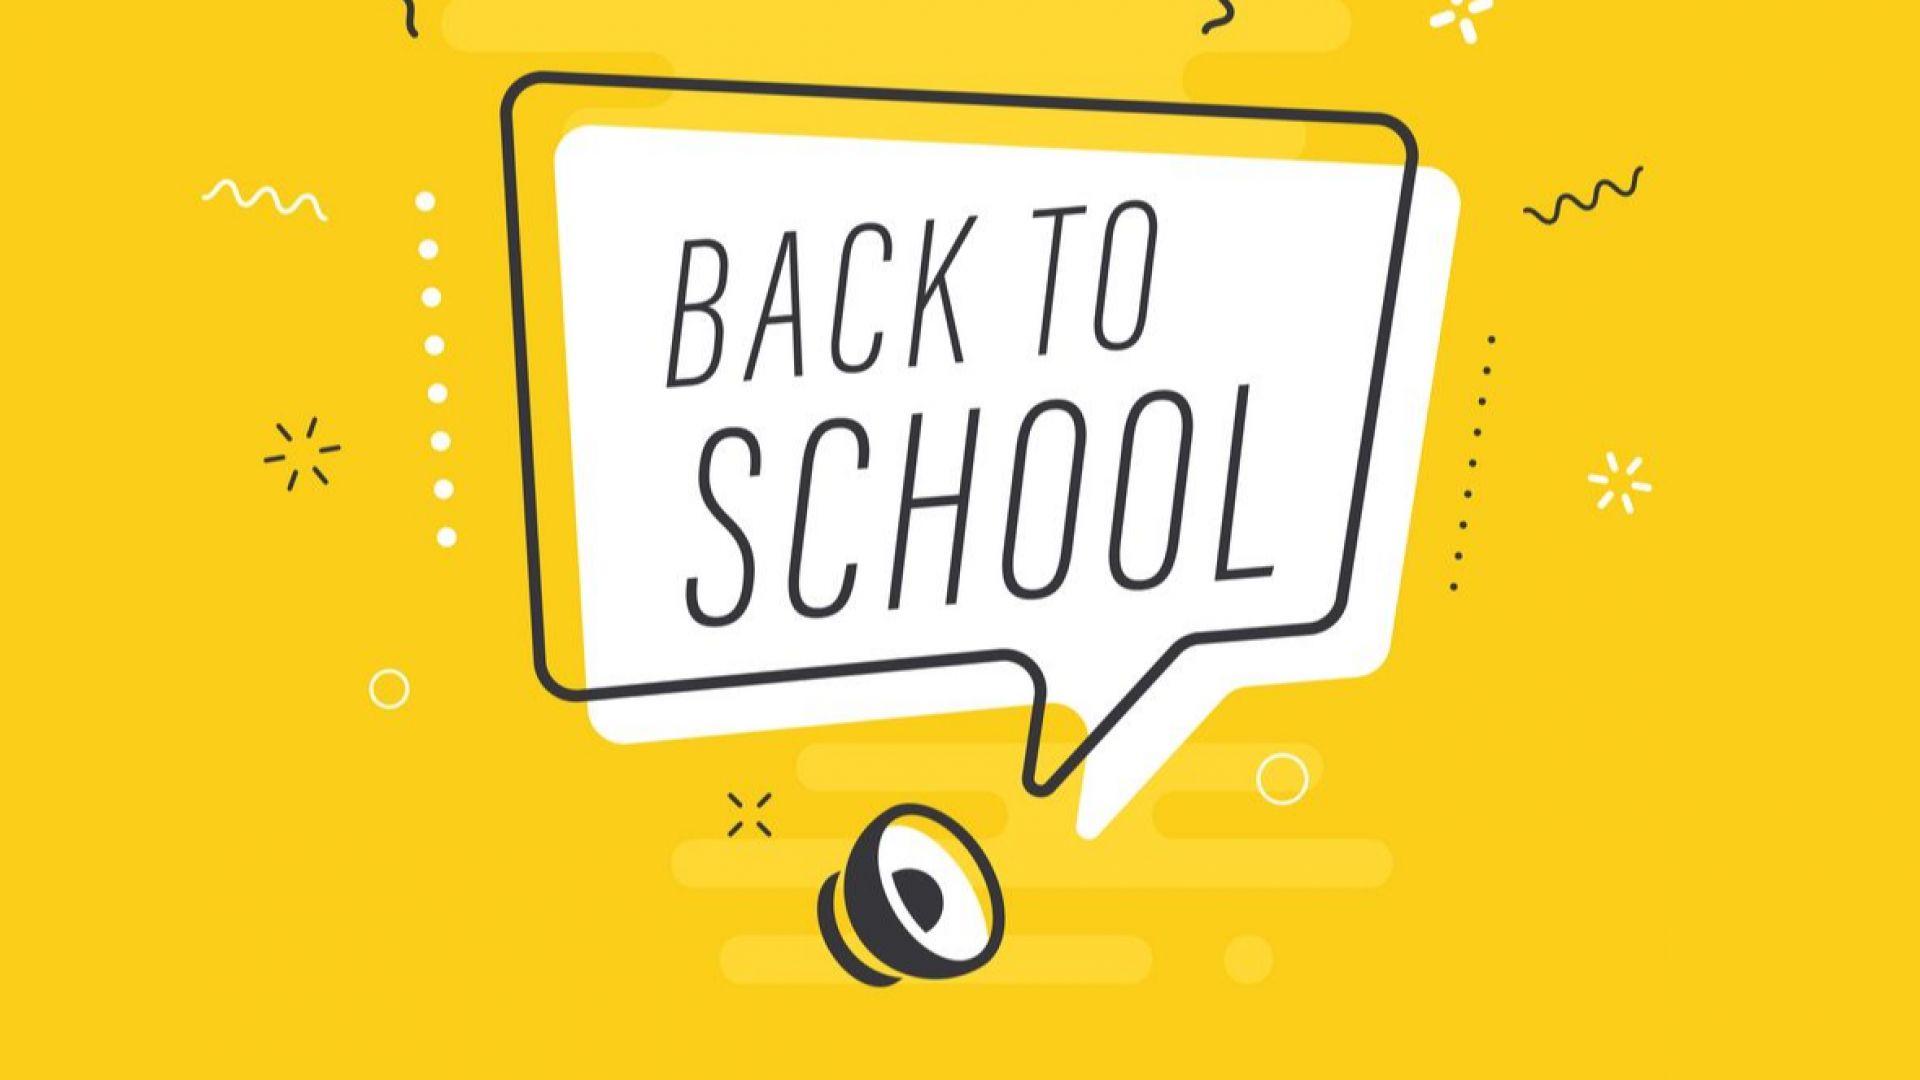 Най-добрата Back to School промоция